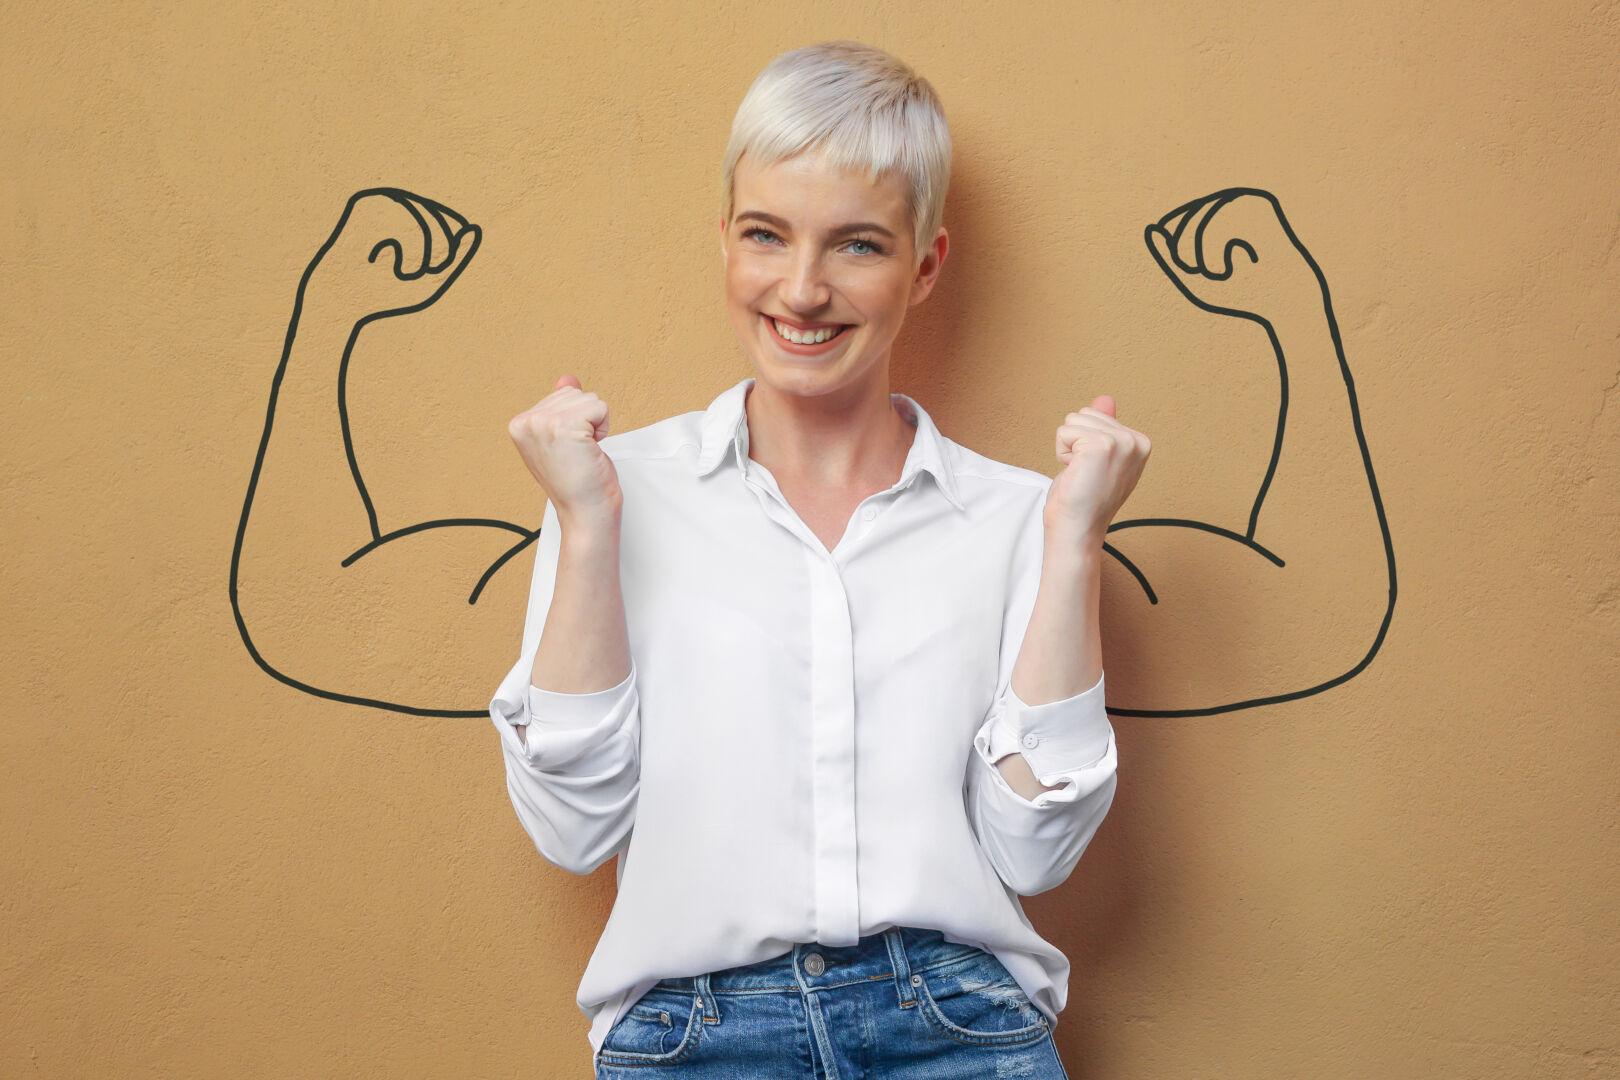 «8 manières d'améliorer son estime de soi pour mieux vendre et négocier», Sophie Chastanet Coach commercial immobilier